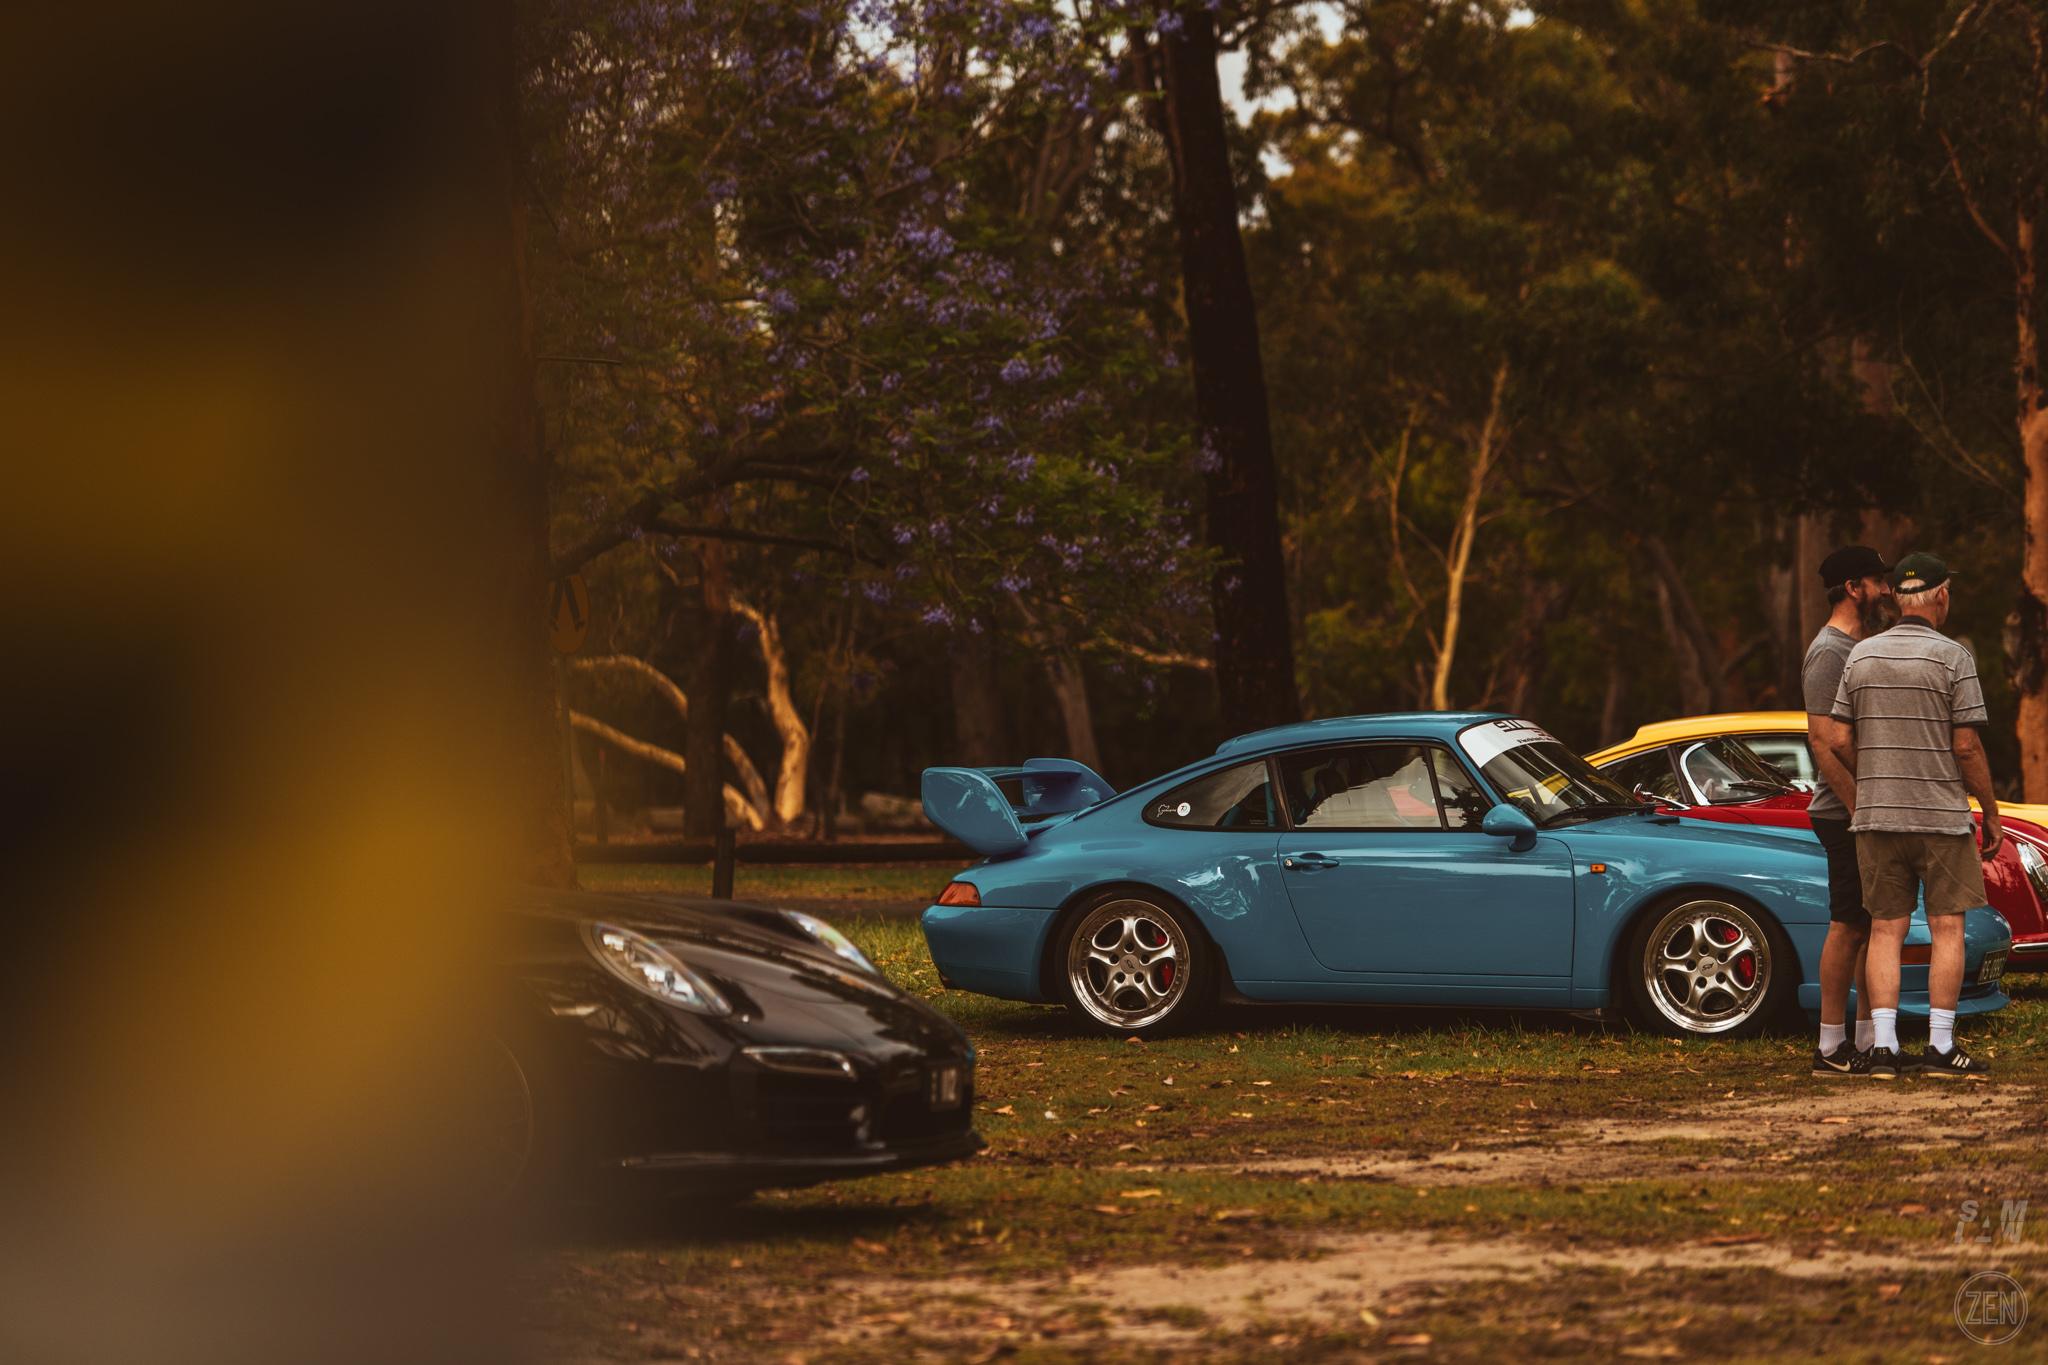 2019-12-08 - Porsches & Coffee 141